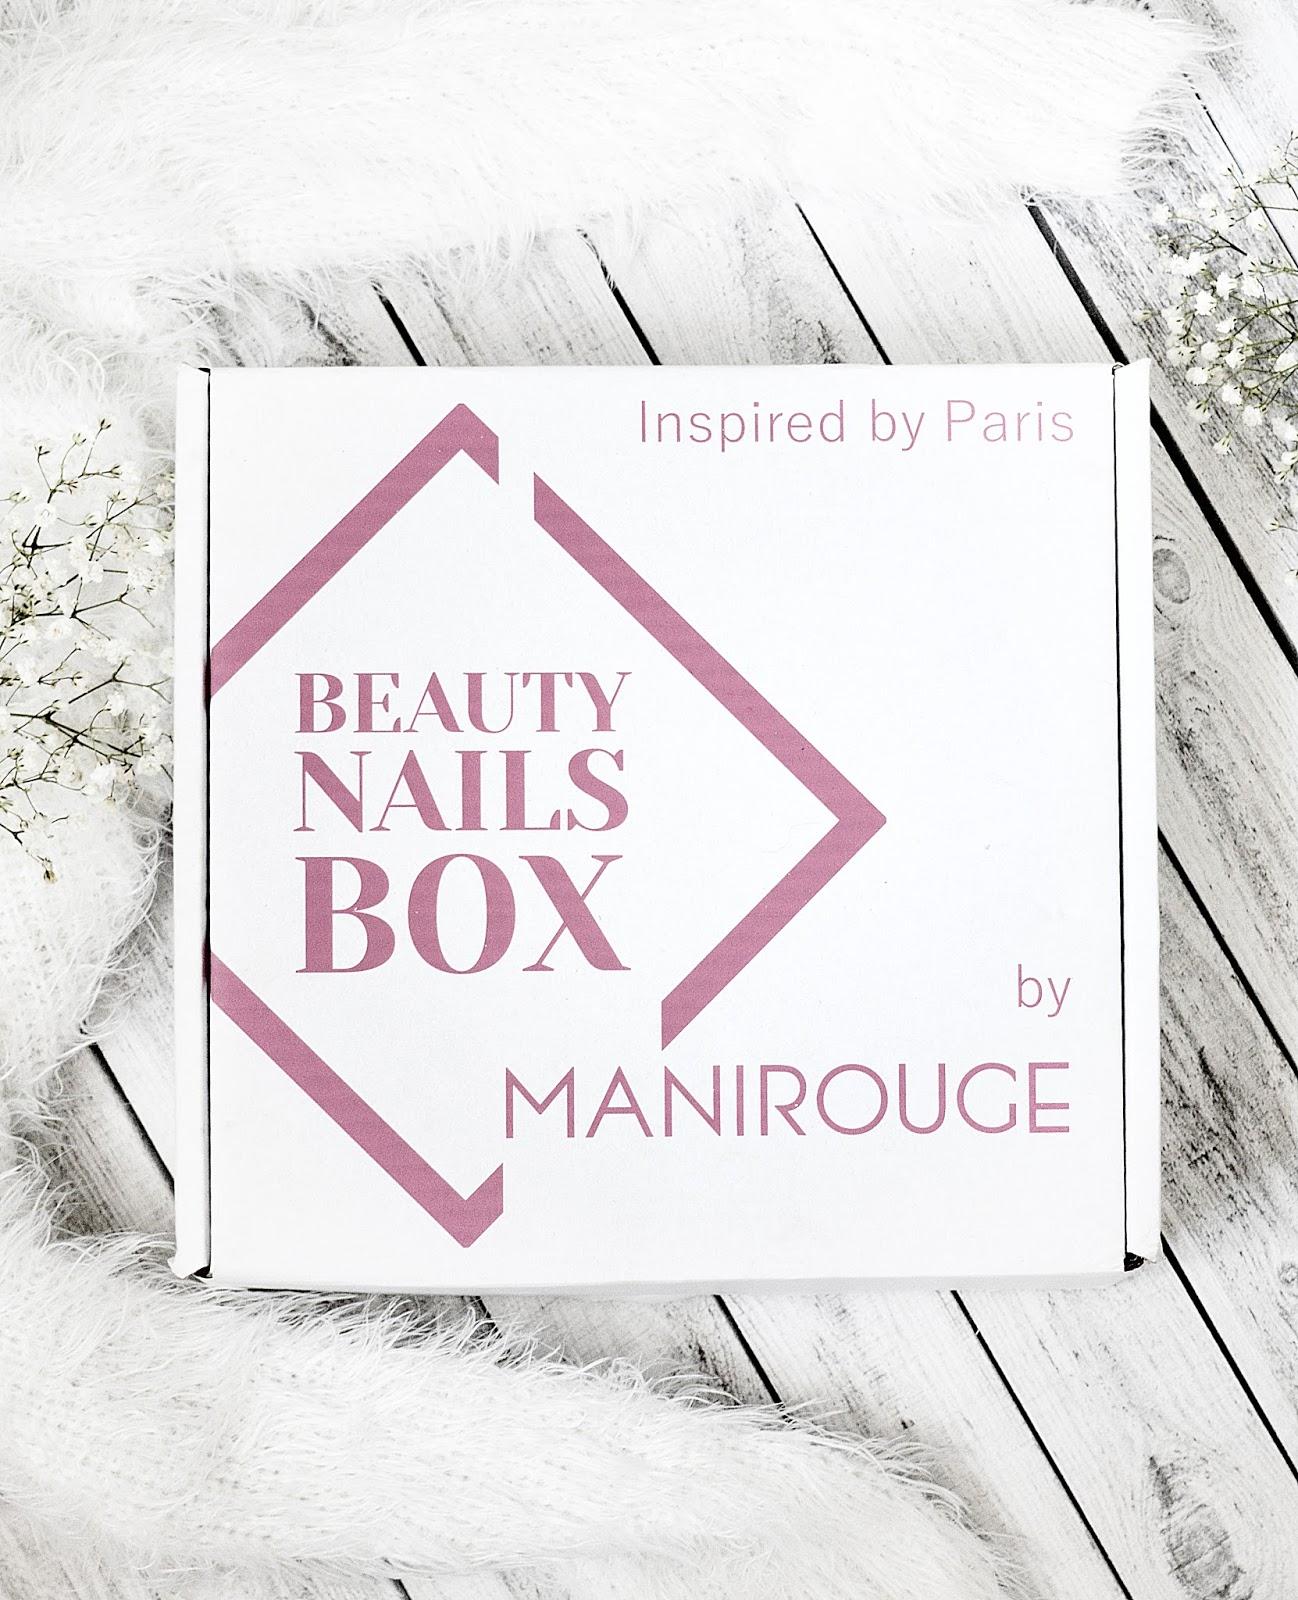 Szaleństwo wzorów zamiast tradycyjnego manicure hybrydowego z Manirouge.